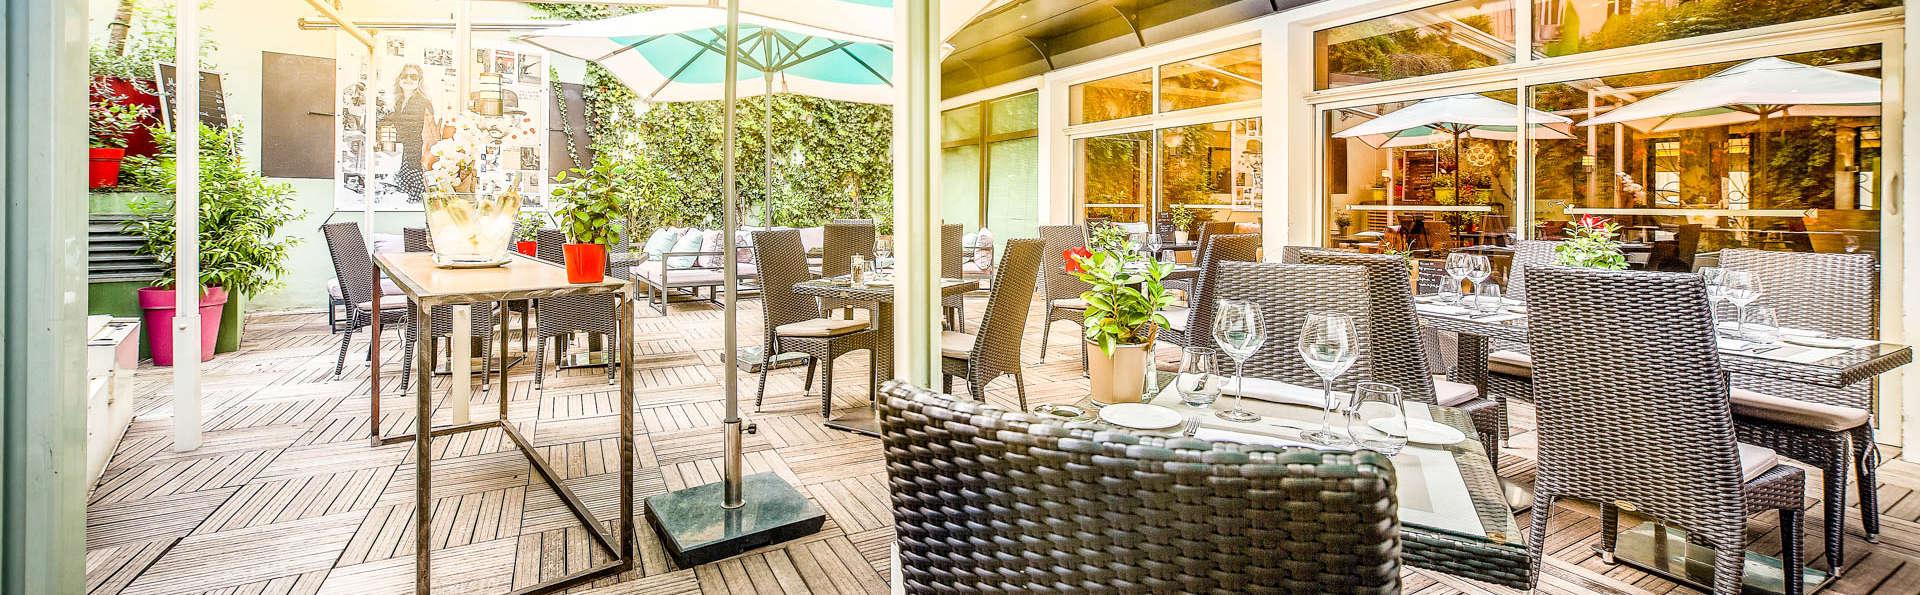 Week-end détente avec dîner 3 plats à Cannes